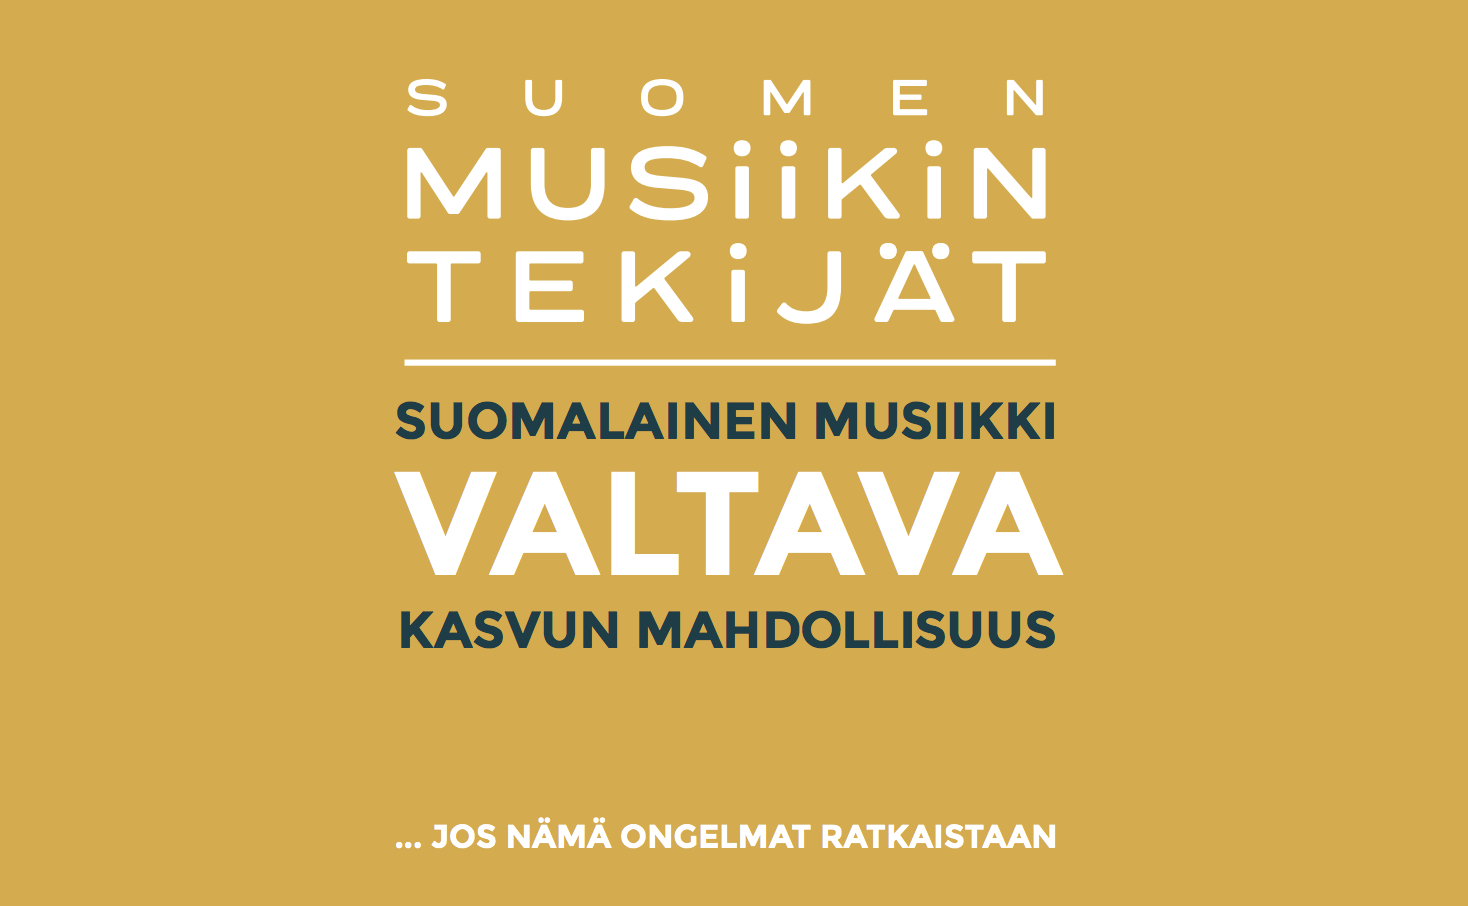 Suomalainen musiikki – Valtava kasvun mahdollisuus